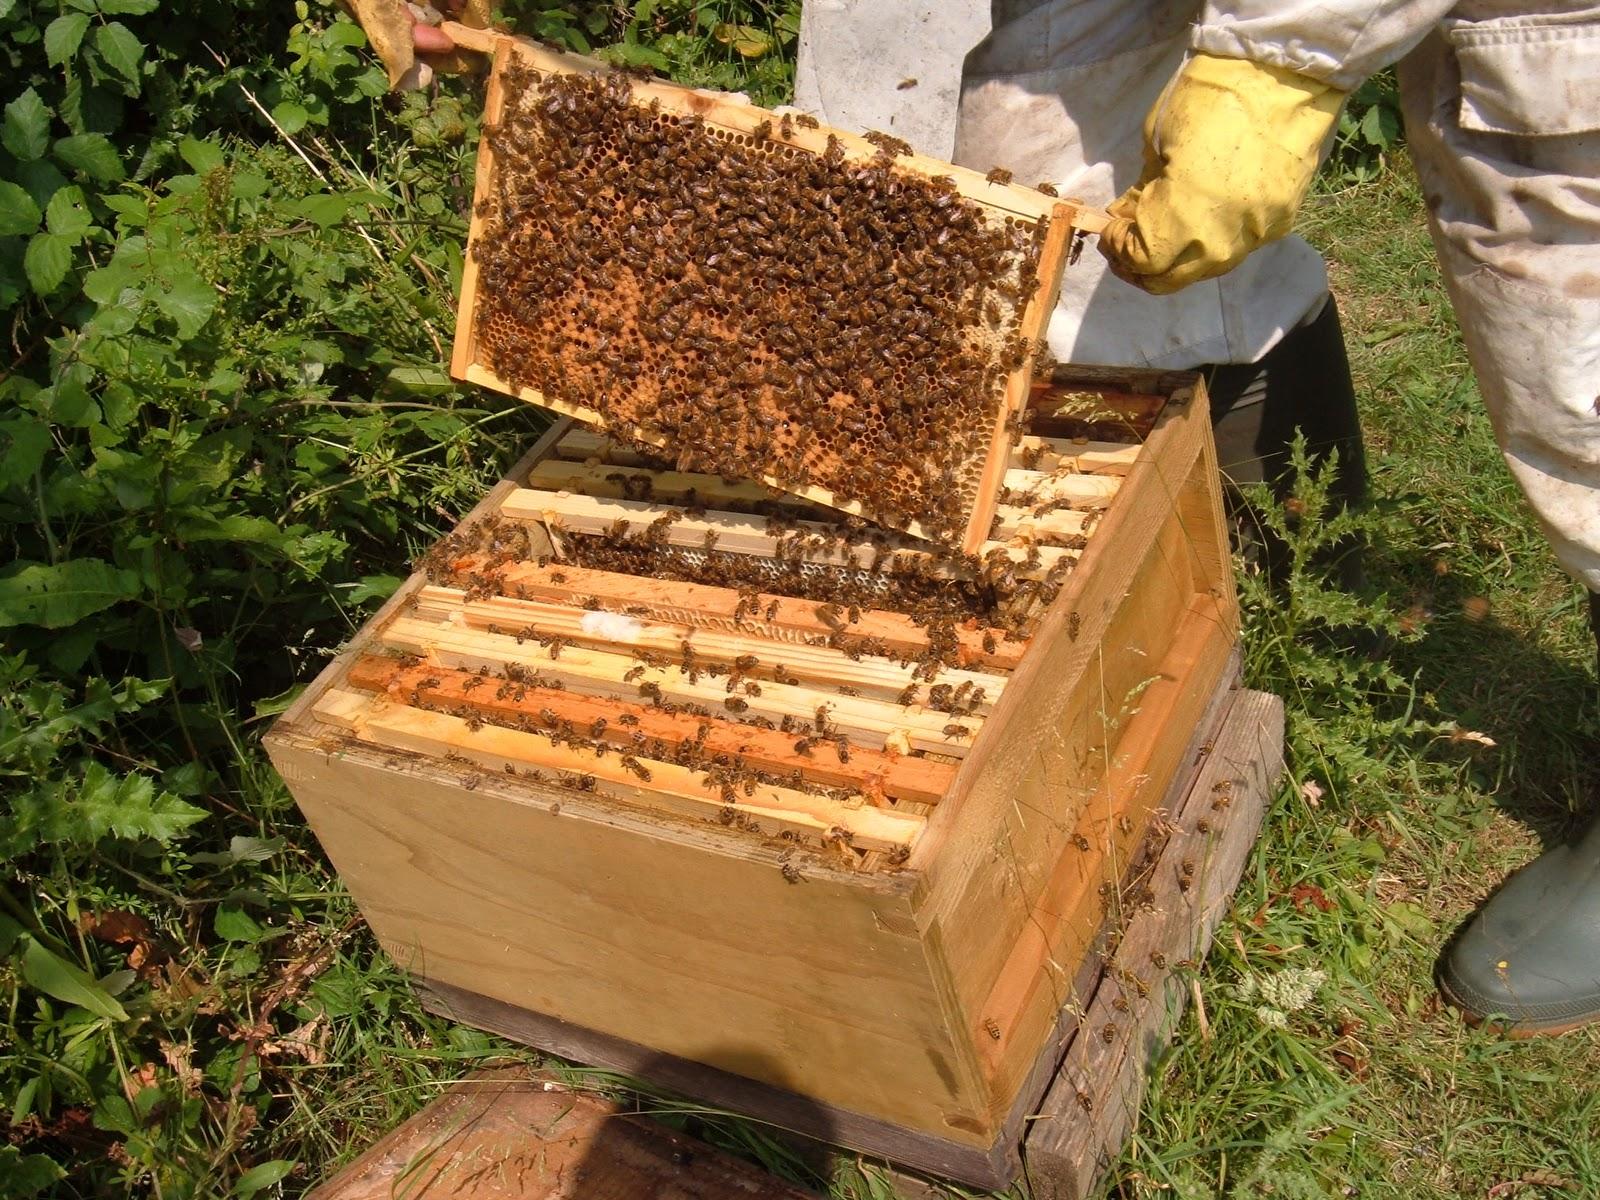 руководство для начинающего пчеловодов видео уроки